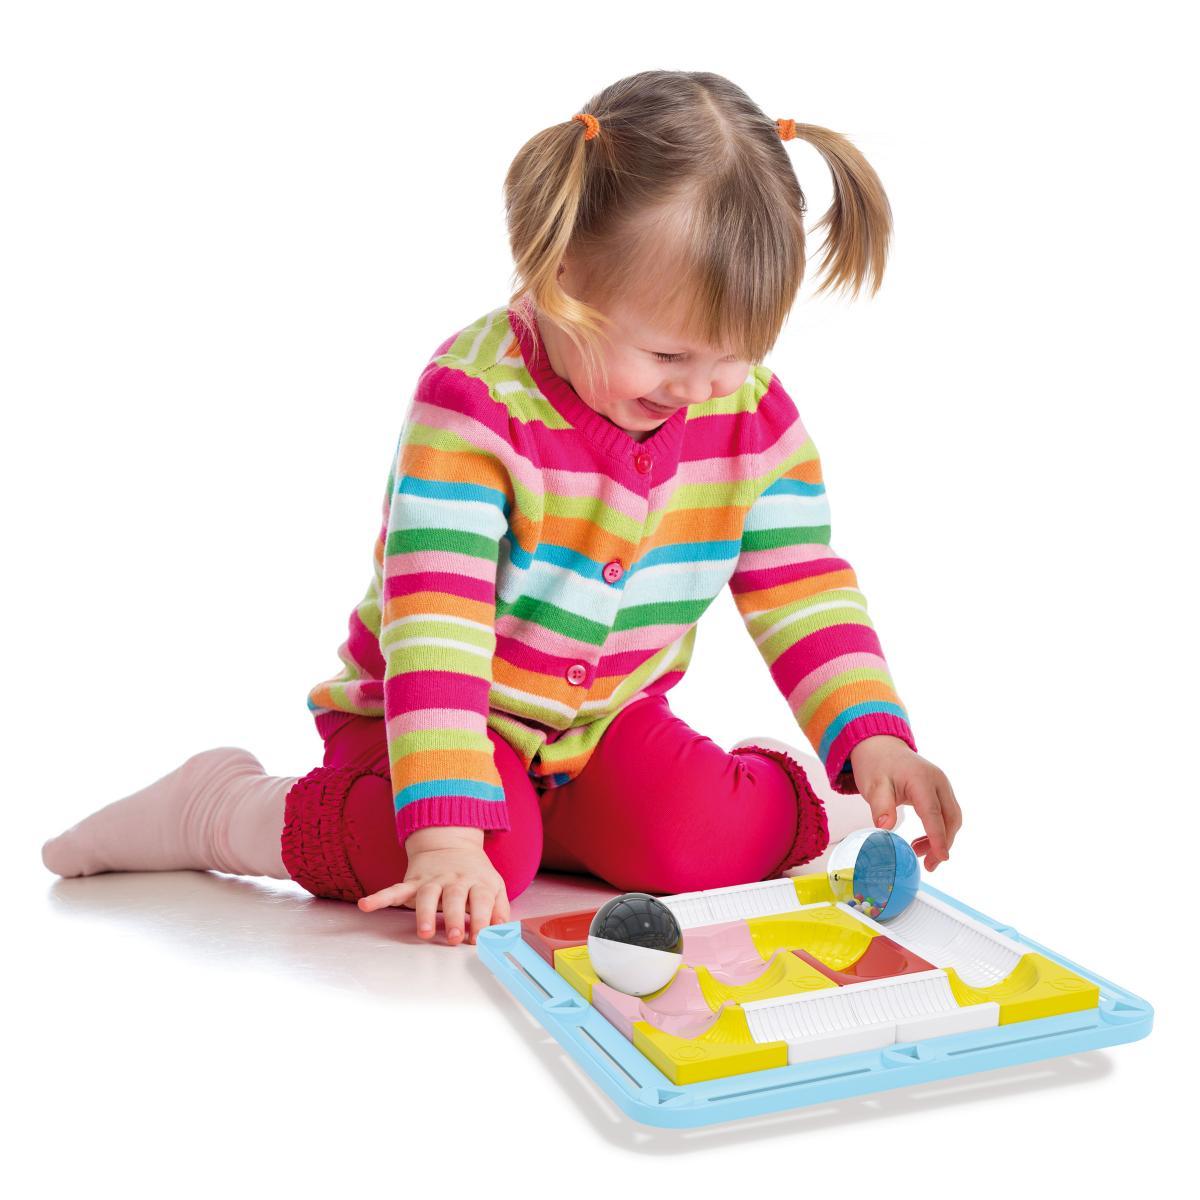 Quercetti propone un labirinto a dondolo per piccoli